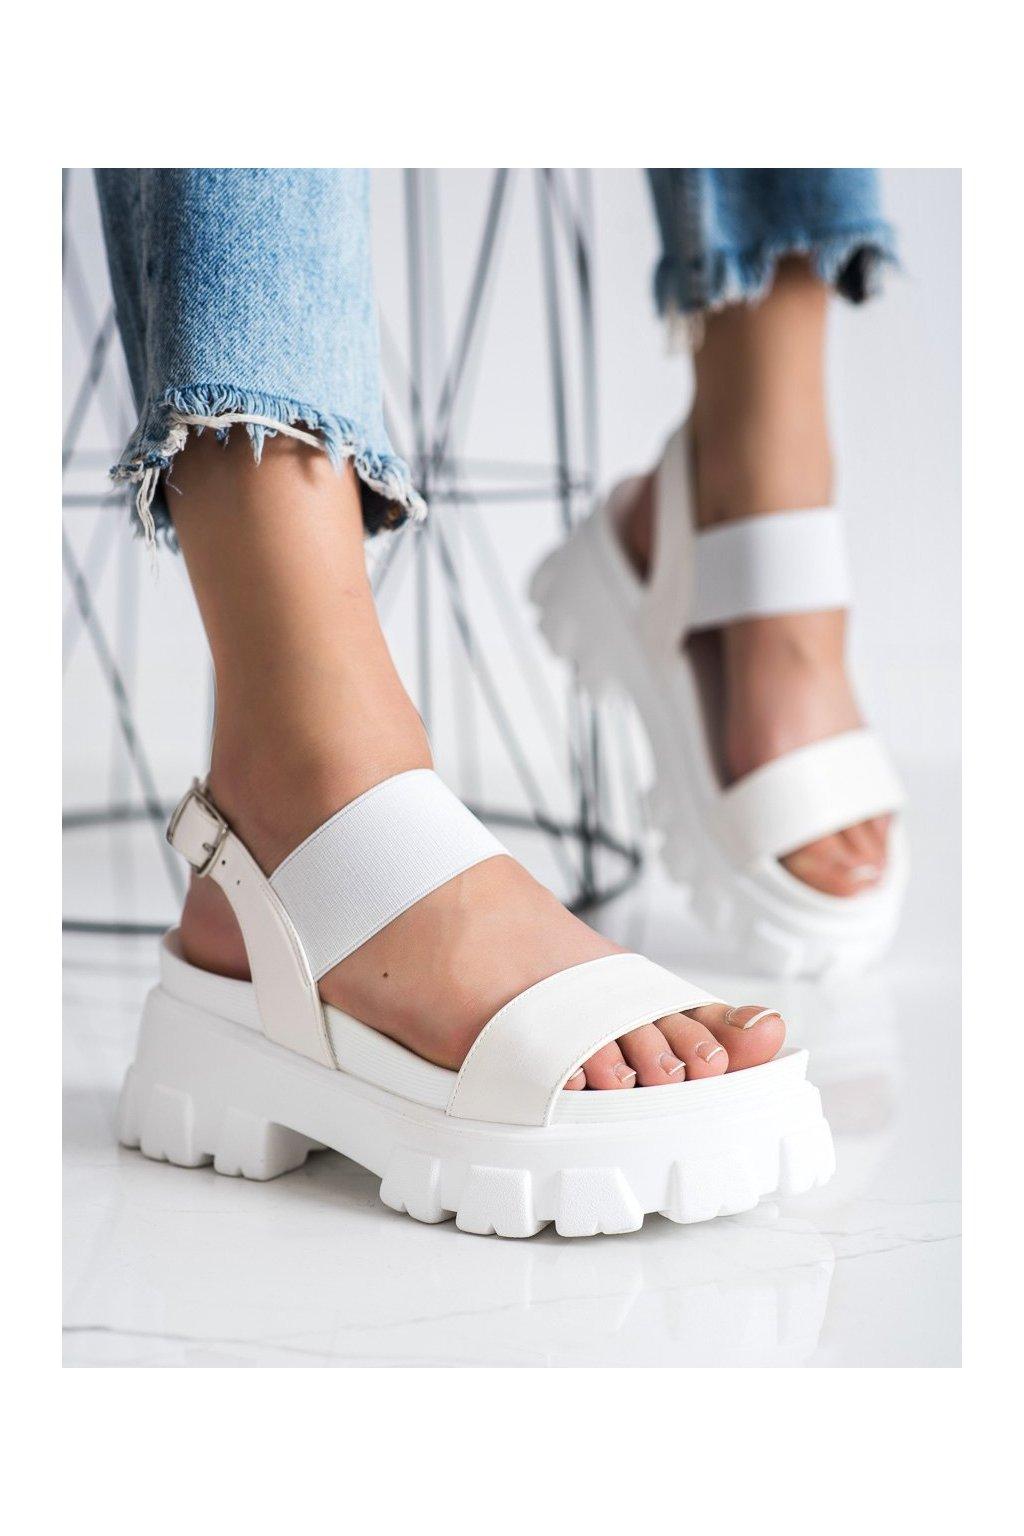 Biele sandále Seastar kod NS192W